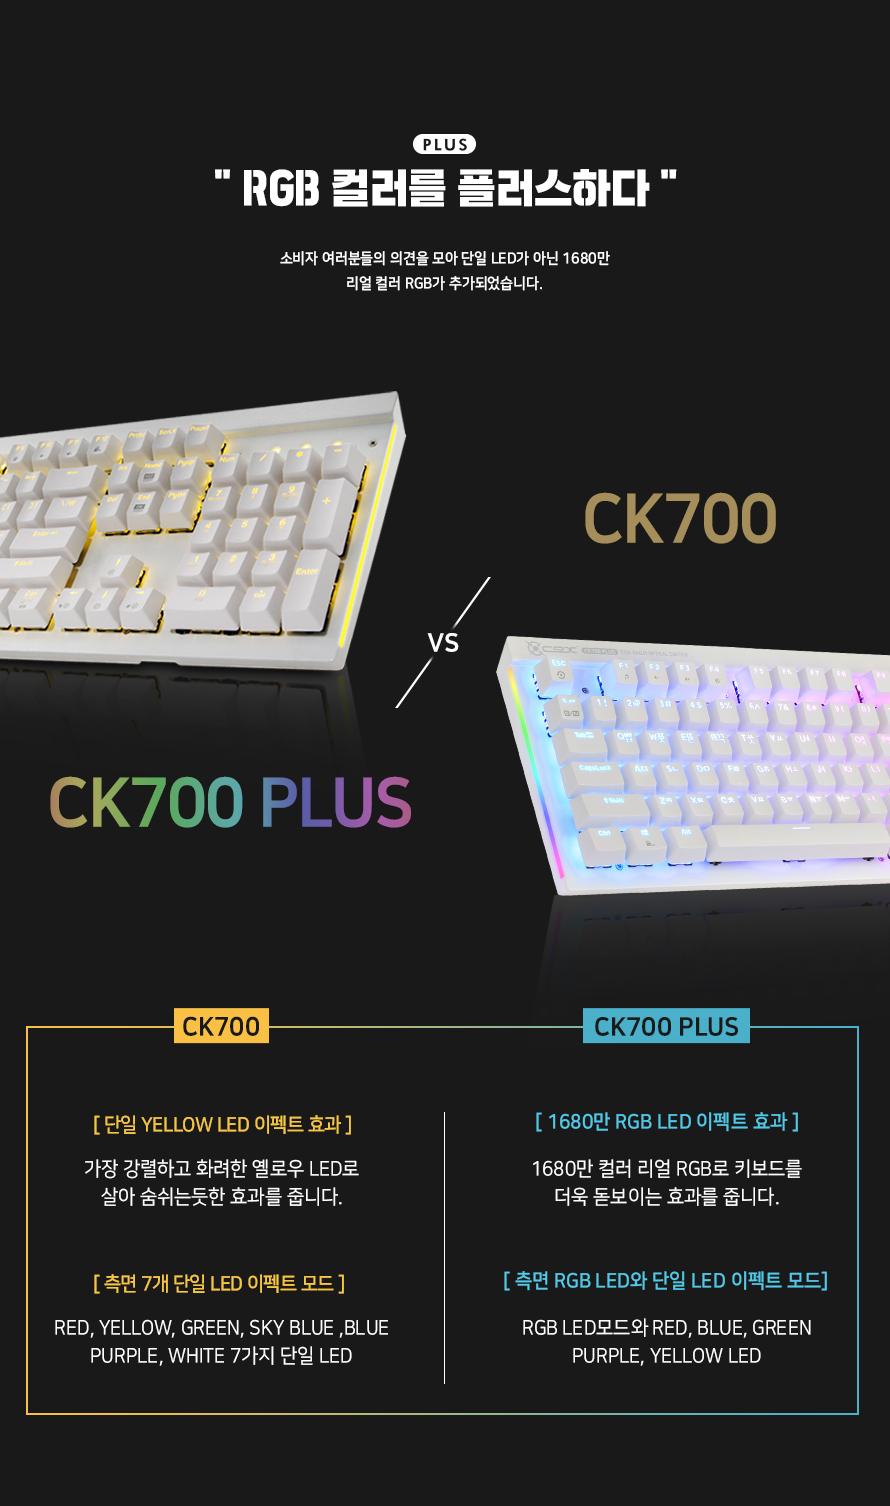 COX  CK700 PLUS RGB 교체축 카일 광축 완전방수 게이밍(블랙, 리니어)